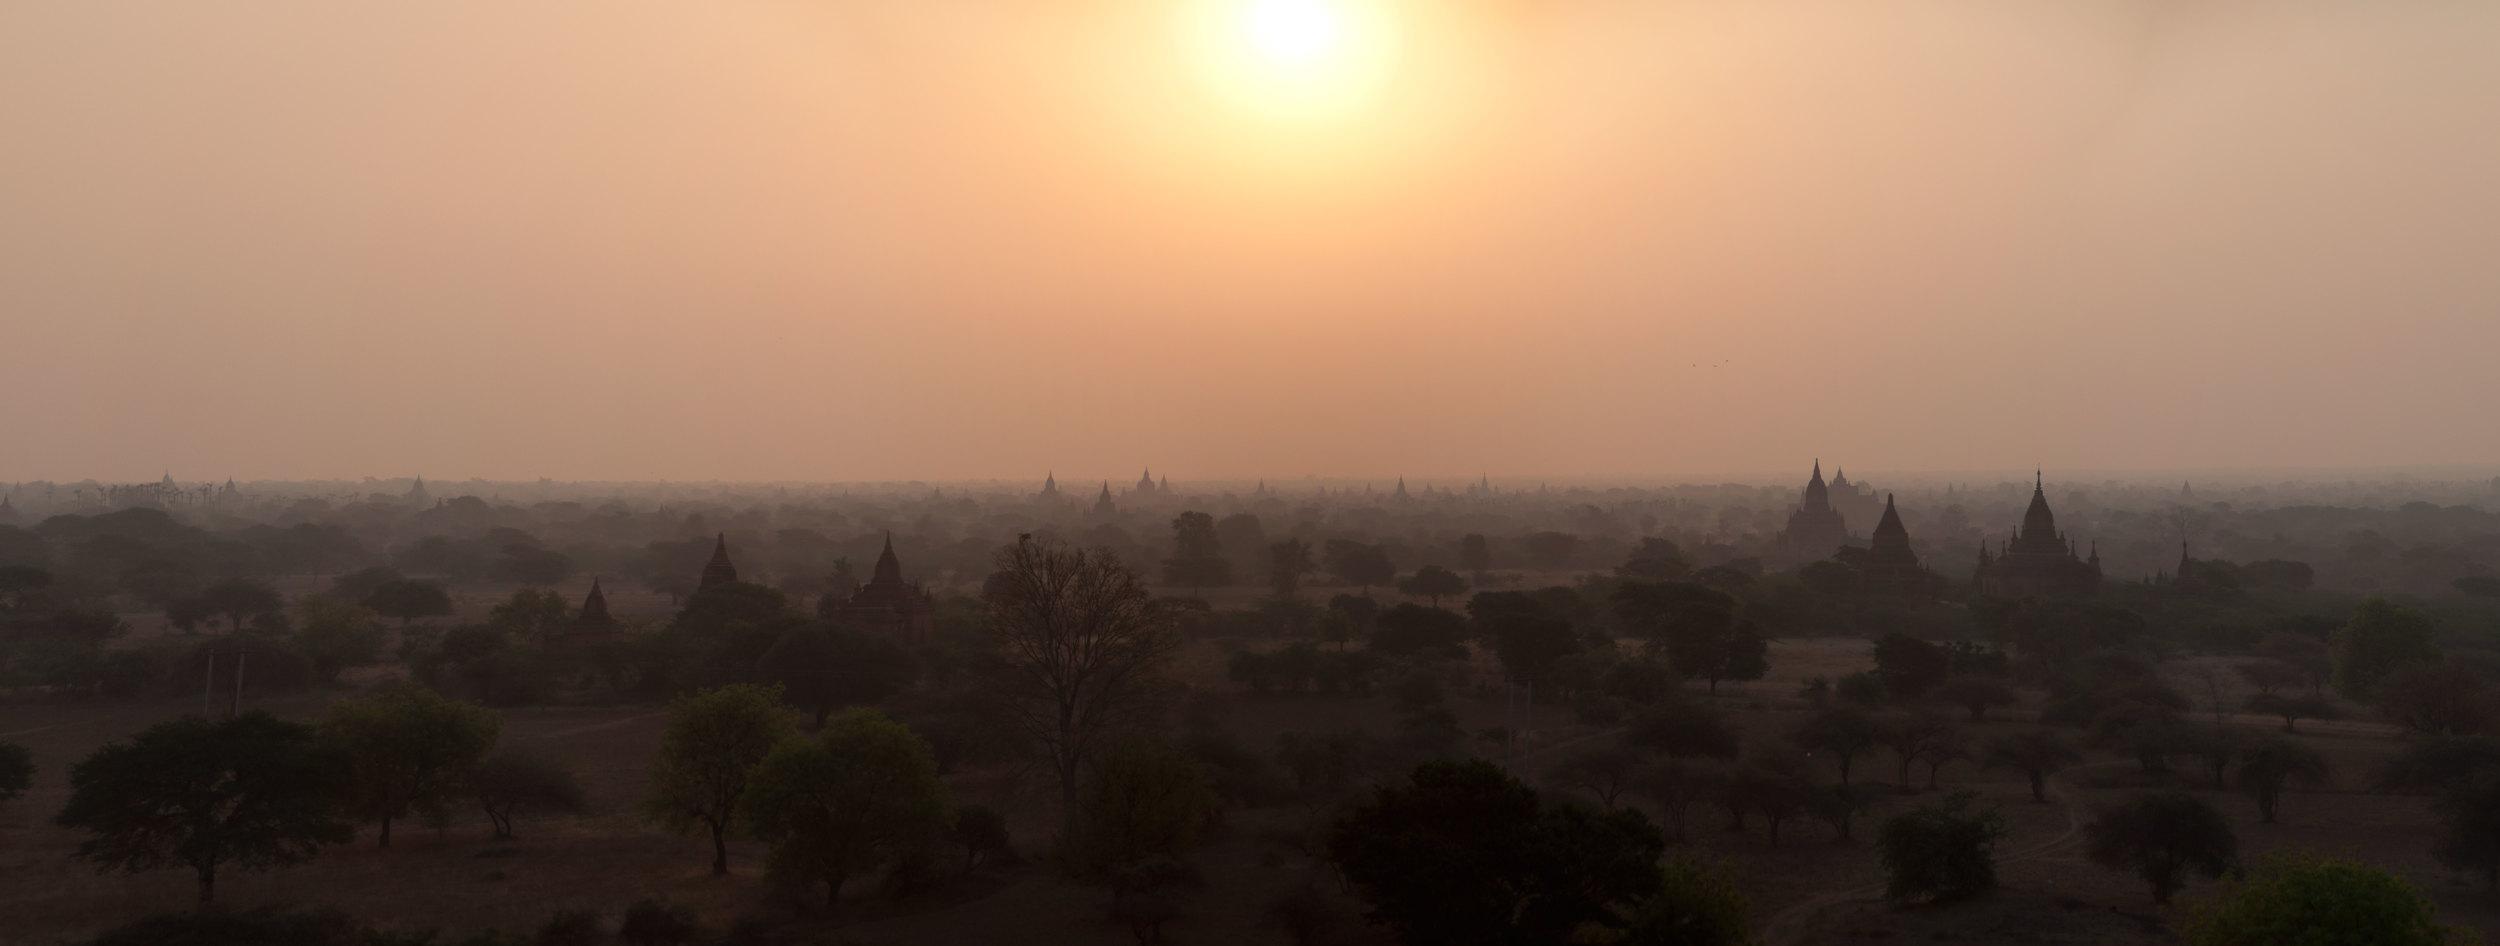 Bagan-Pano-2.jpg